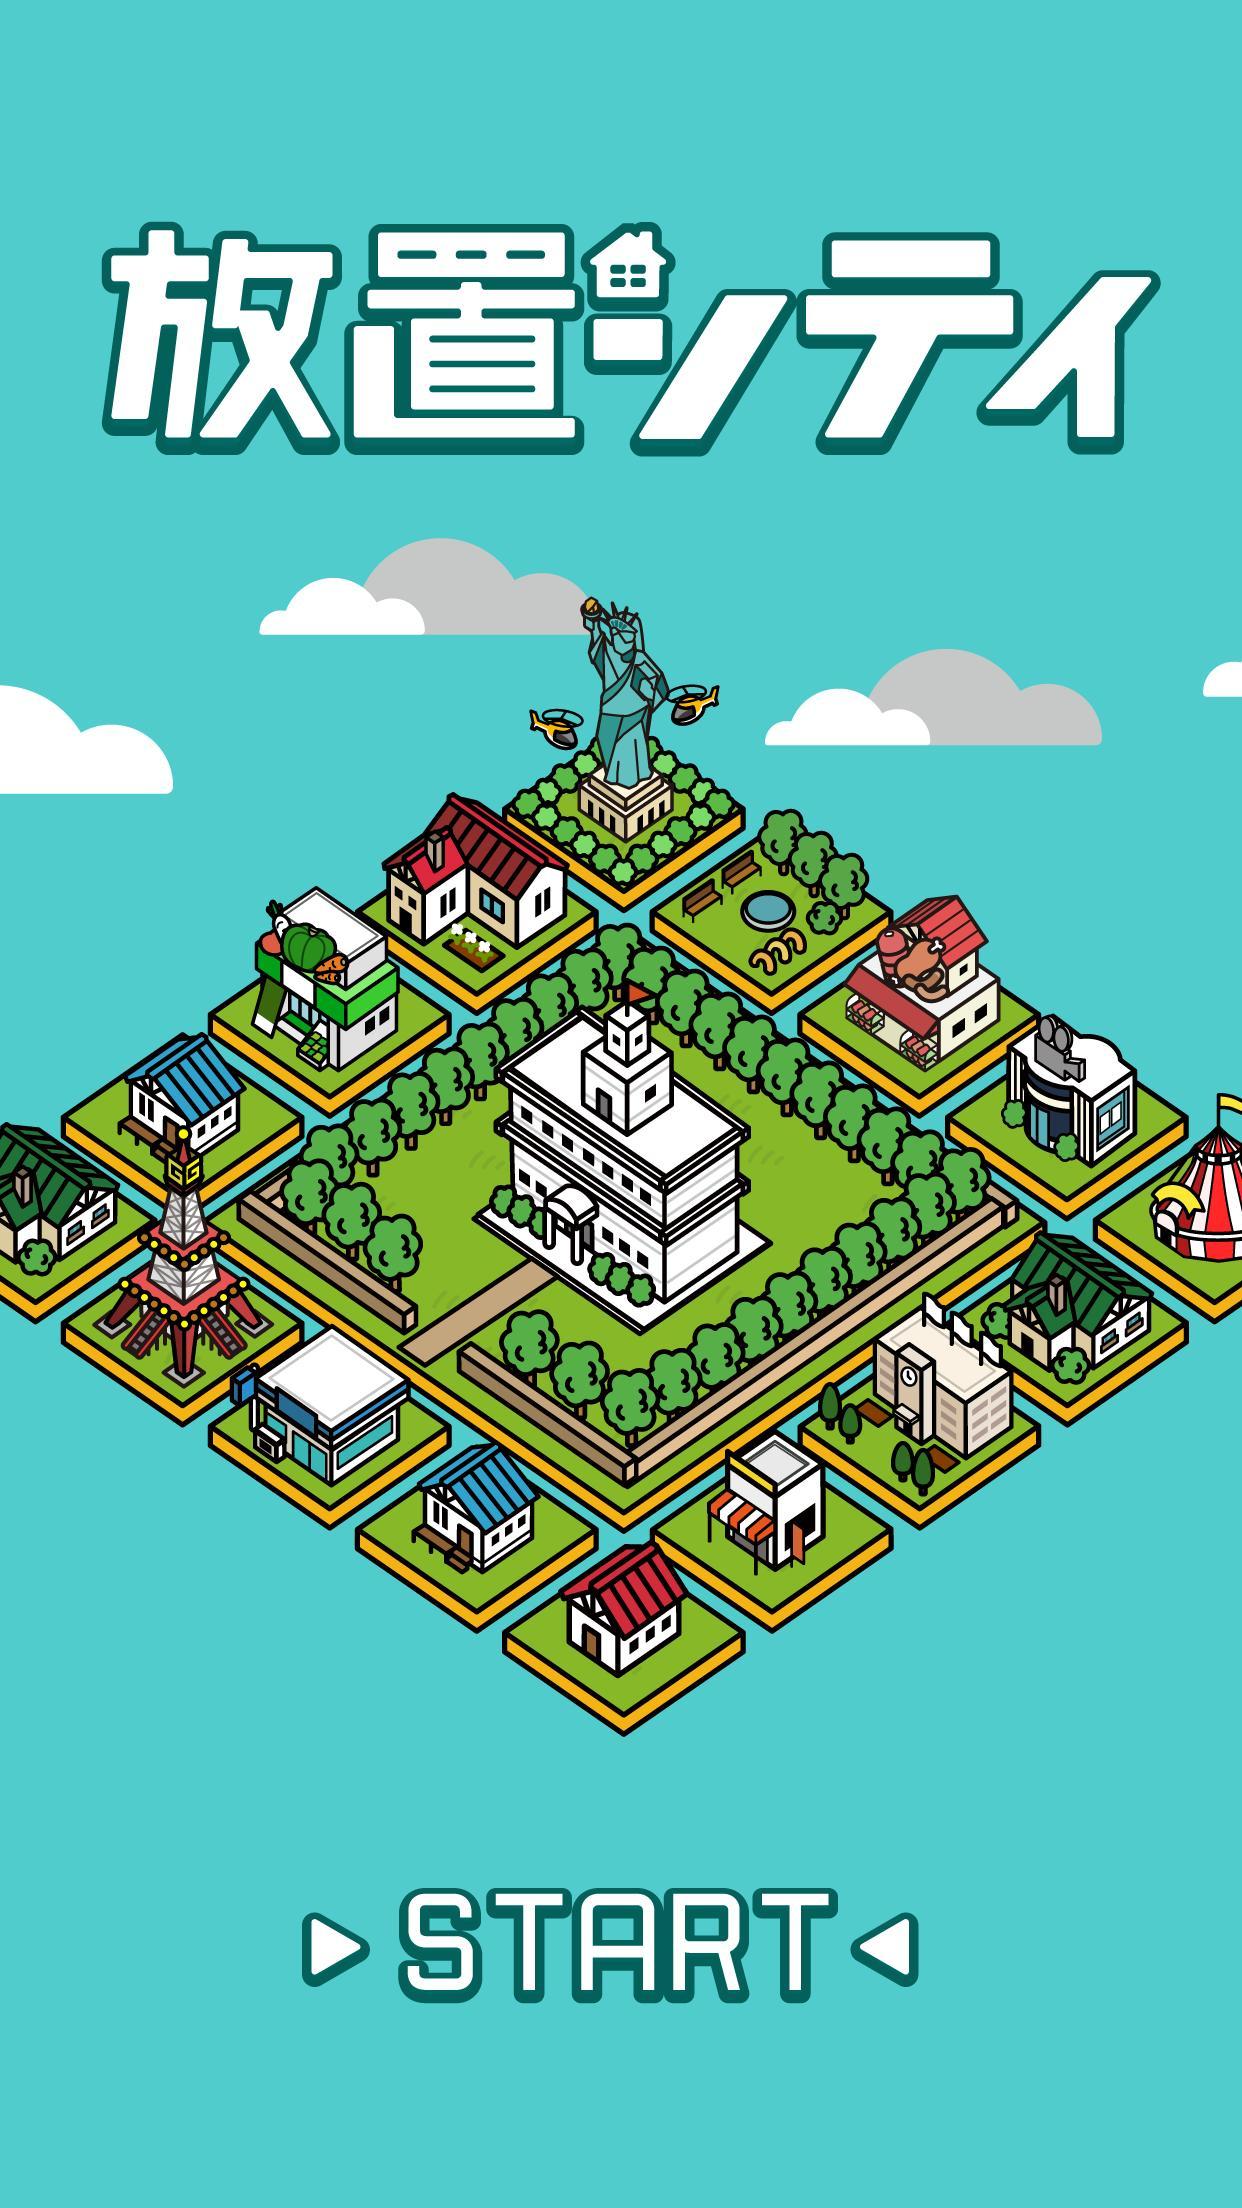 放置シティ ~のんびり街づくりゲーム~ 1.7.0 Screenshot 9